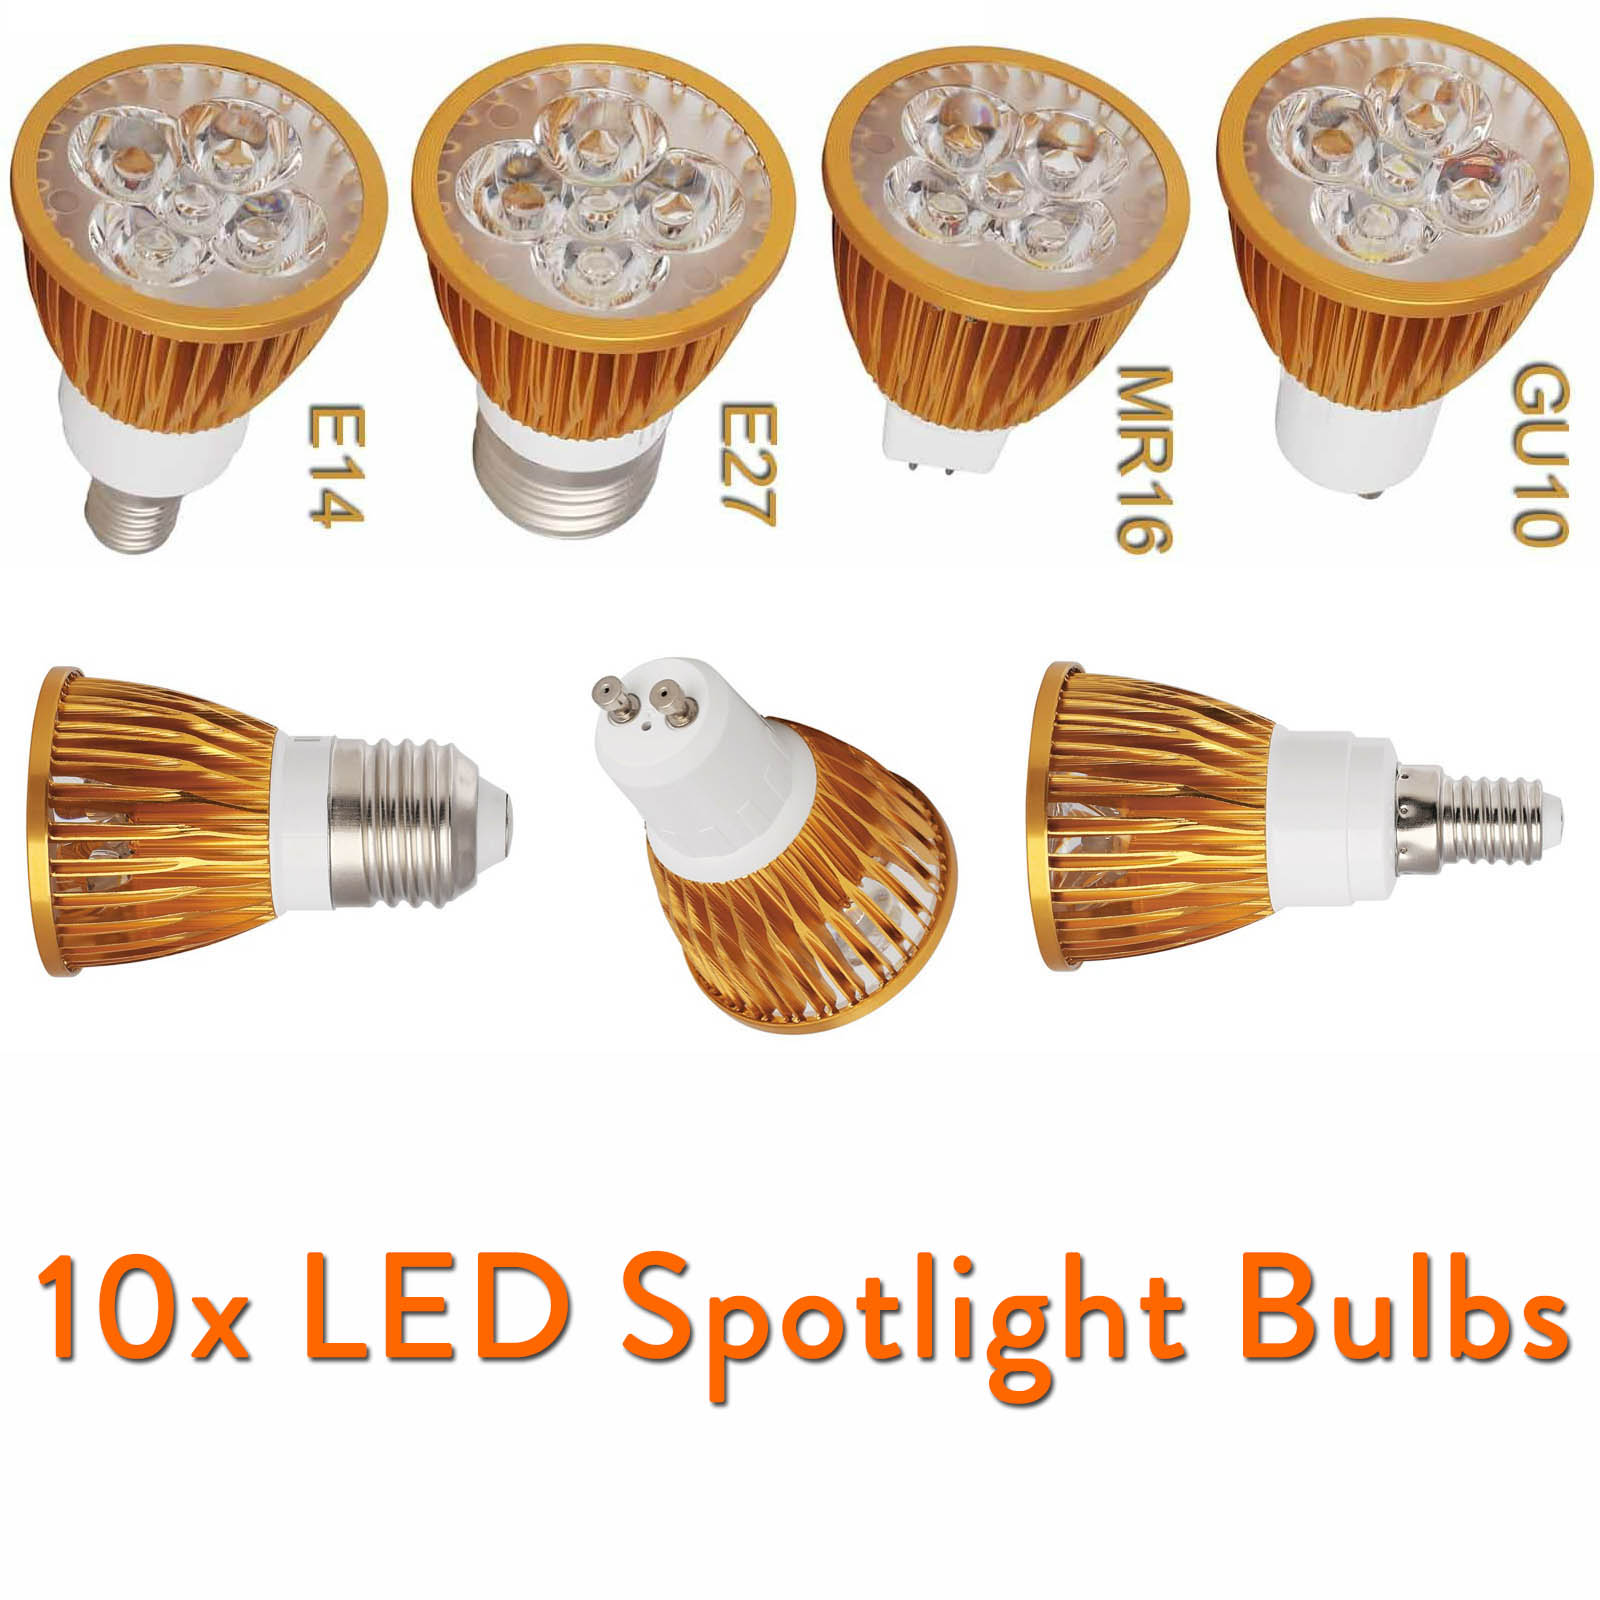 10x Dimmable LED lamp Spotlight Bulb MR16 GU10 E27 E14 LED spot light12V 220V 110V 9W 12W 15W Lamp Warm Cool White Neutral White